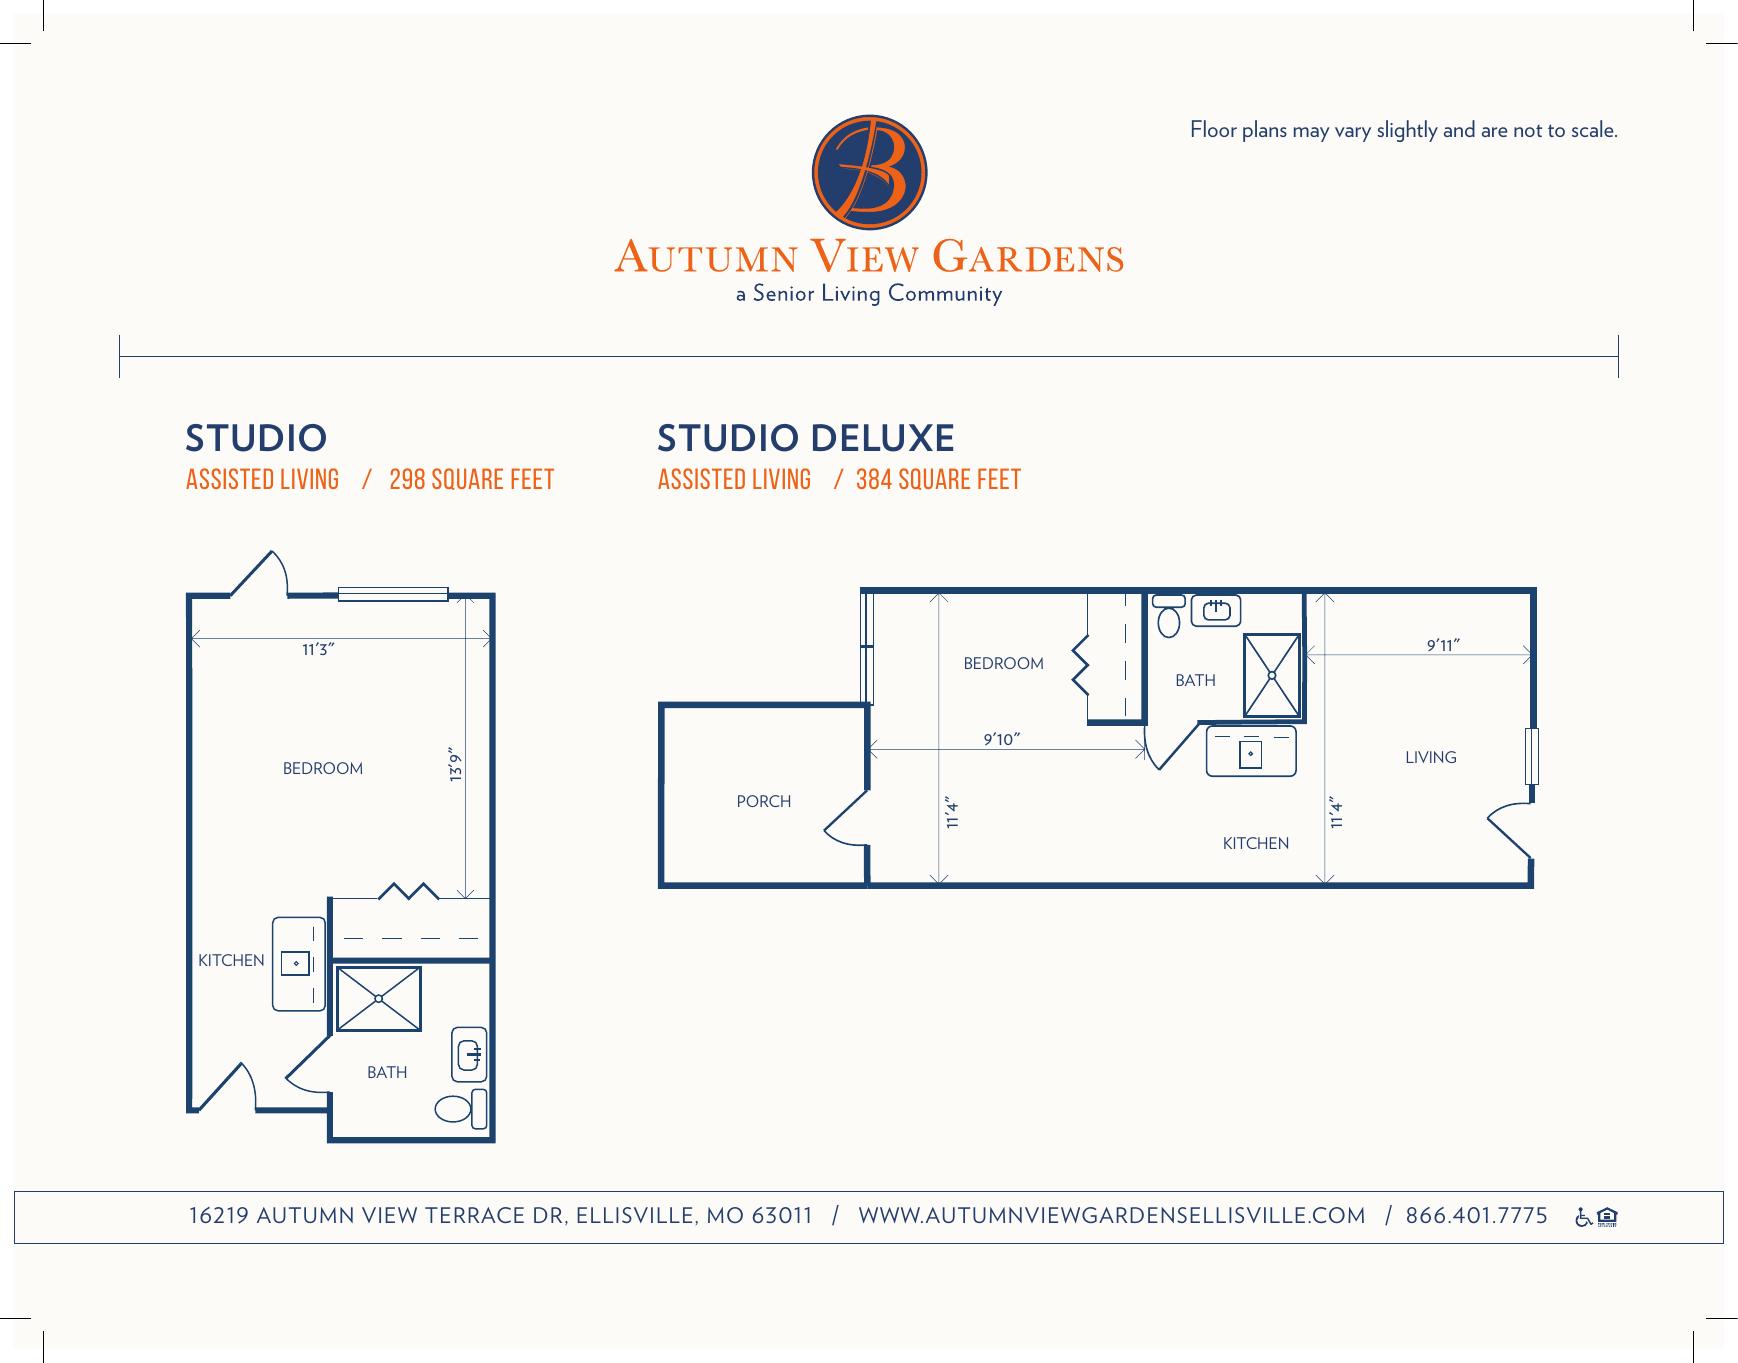 Autumn View Gardens Studio Duplex Floorplan